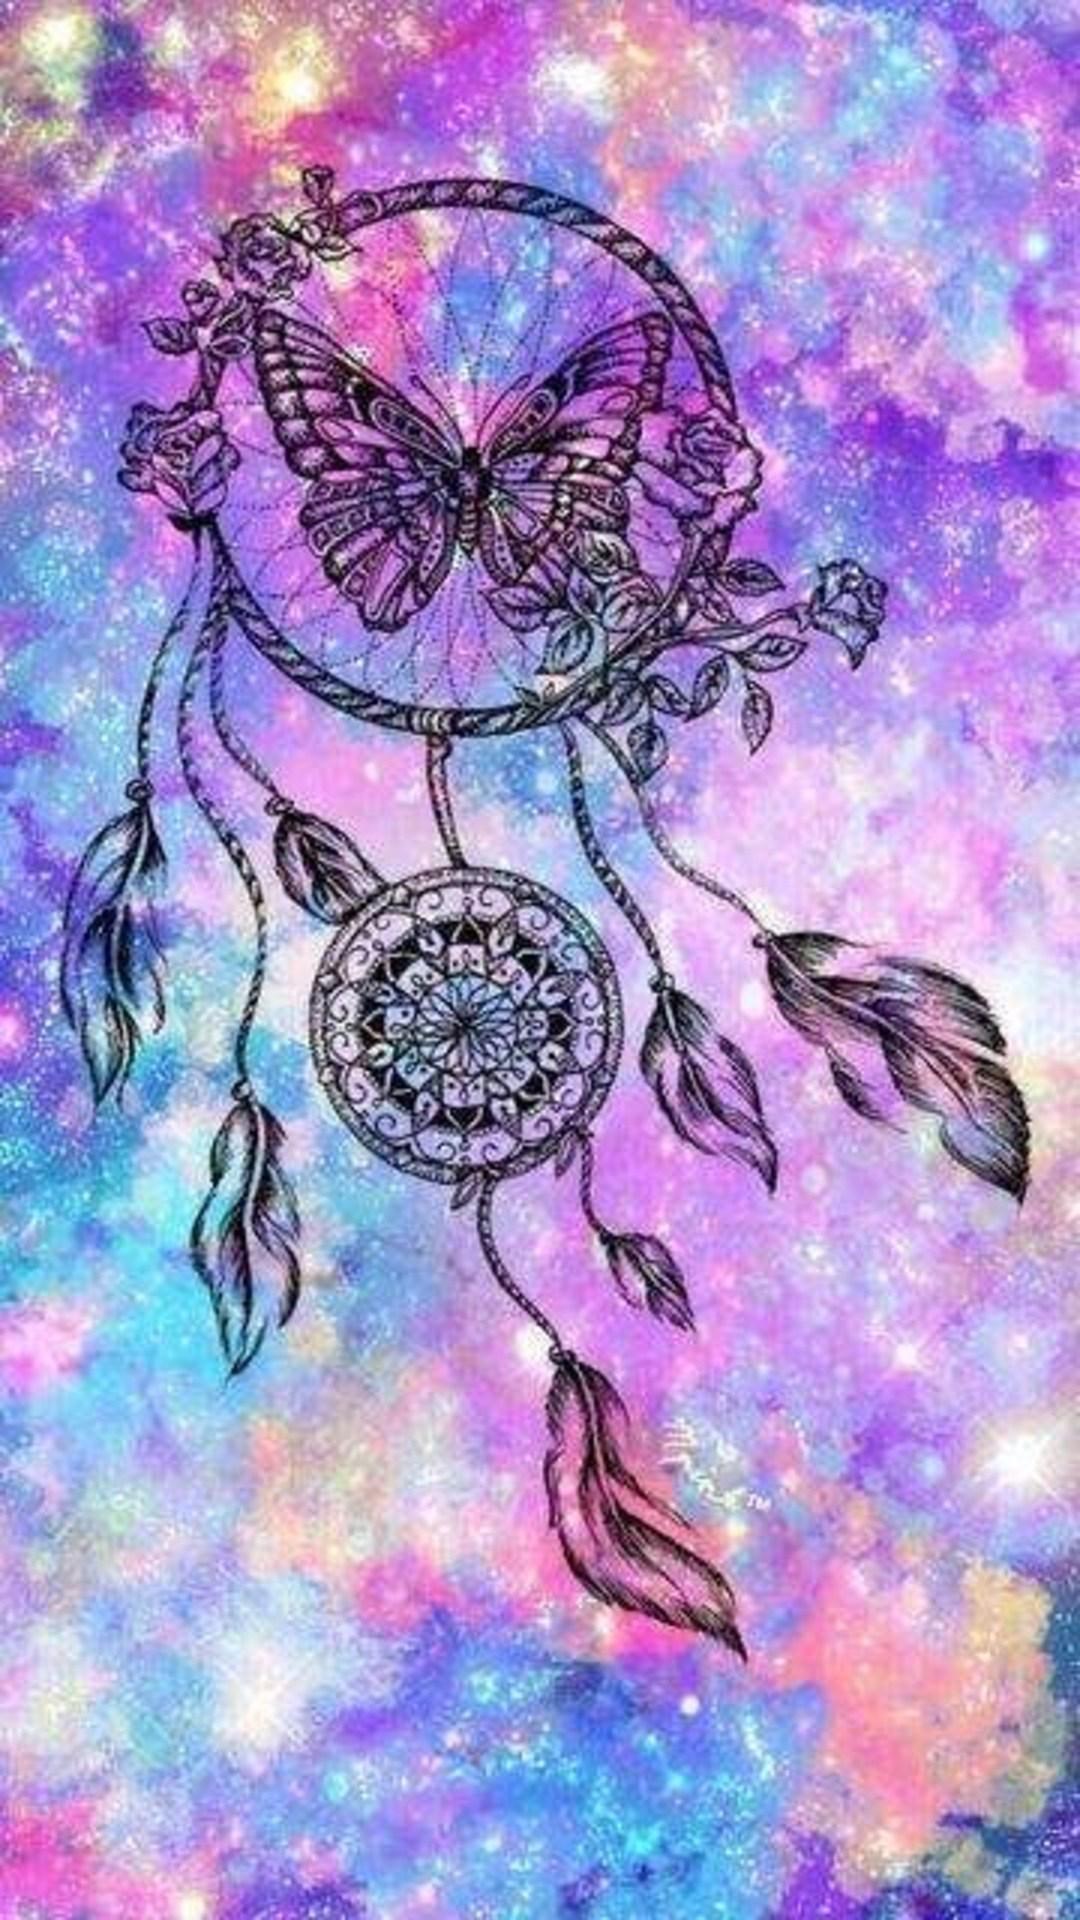 Butterfly Dreamcatcher Wallpaper   Dream Catcher 54240   HD 1080x1920